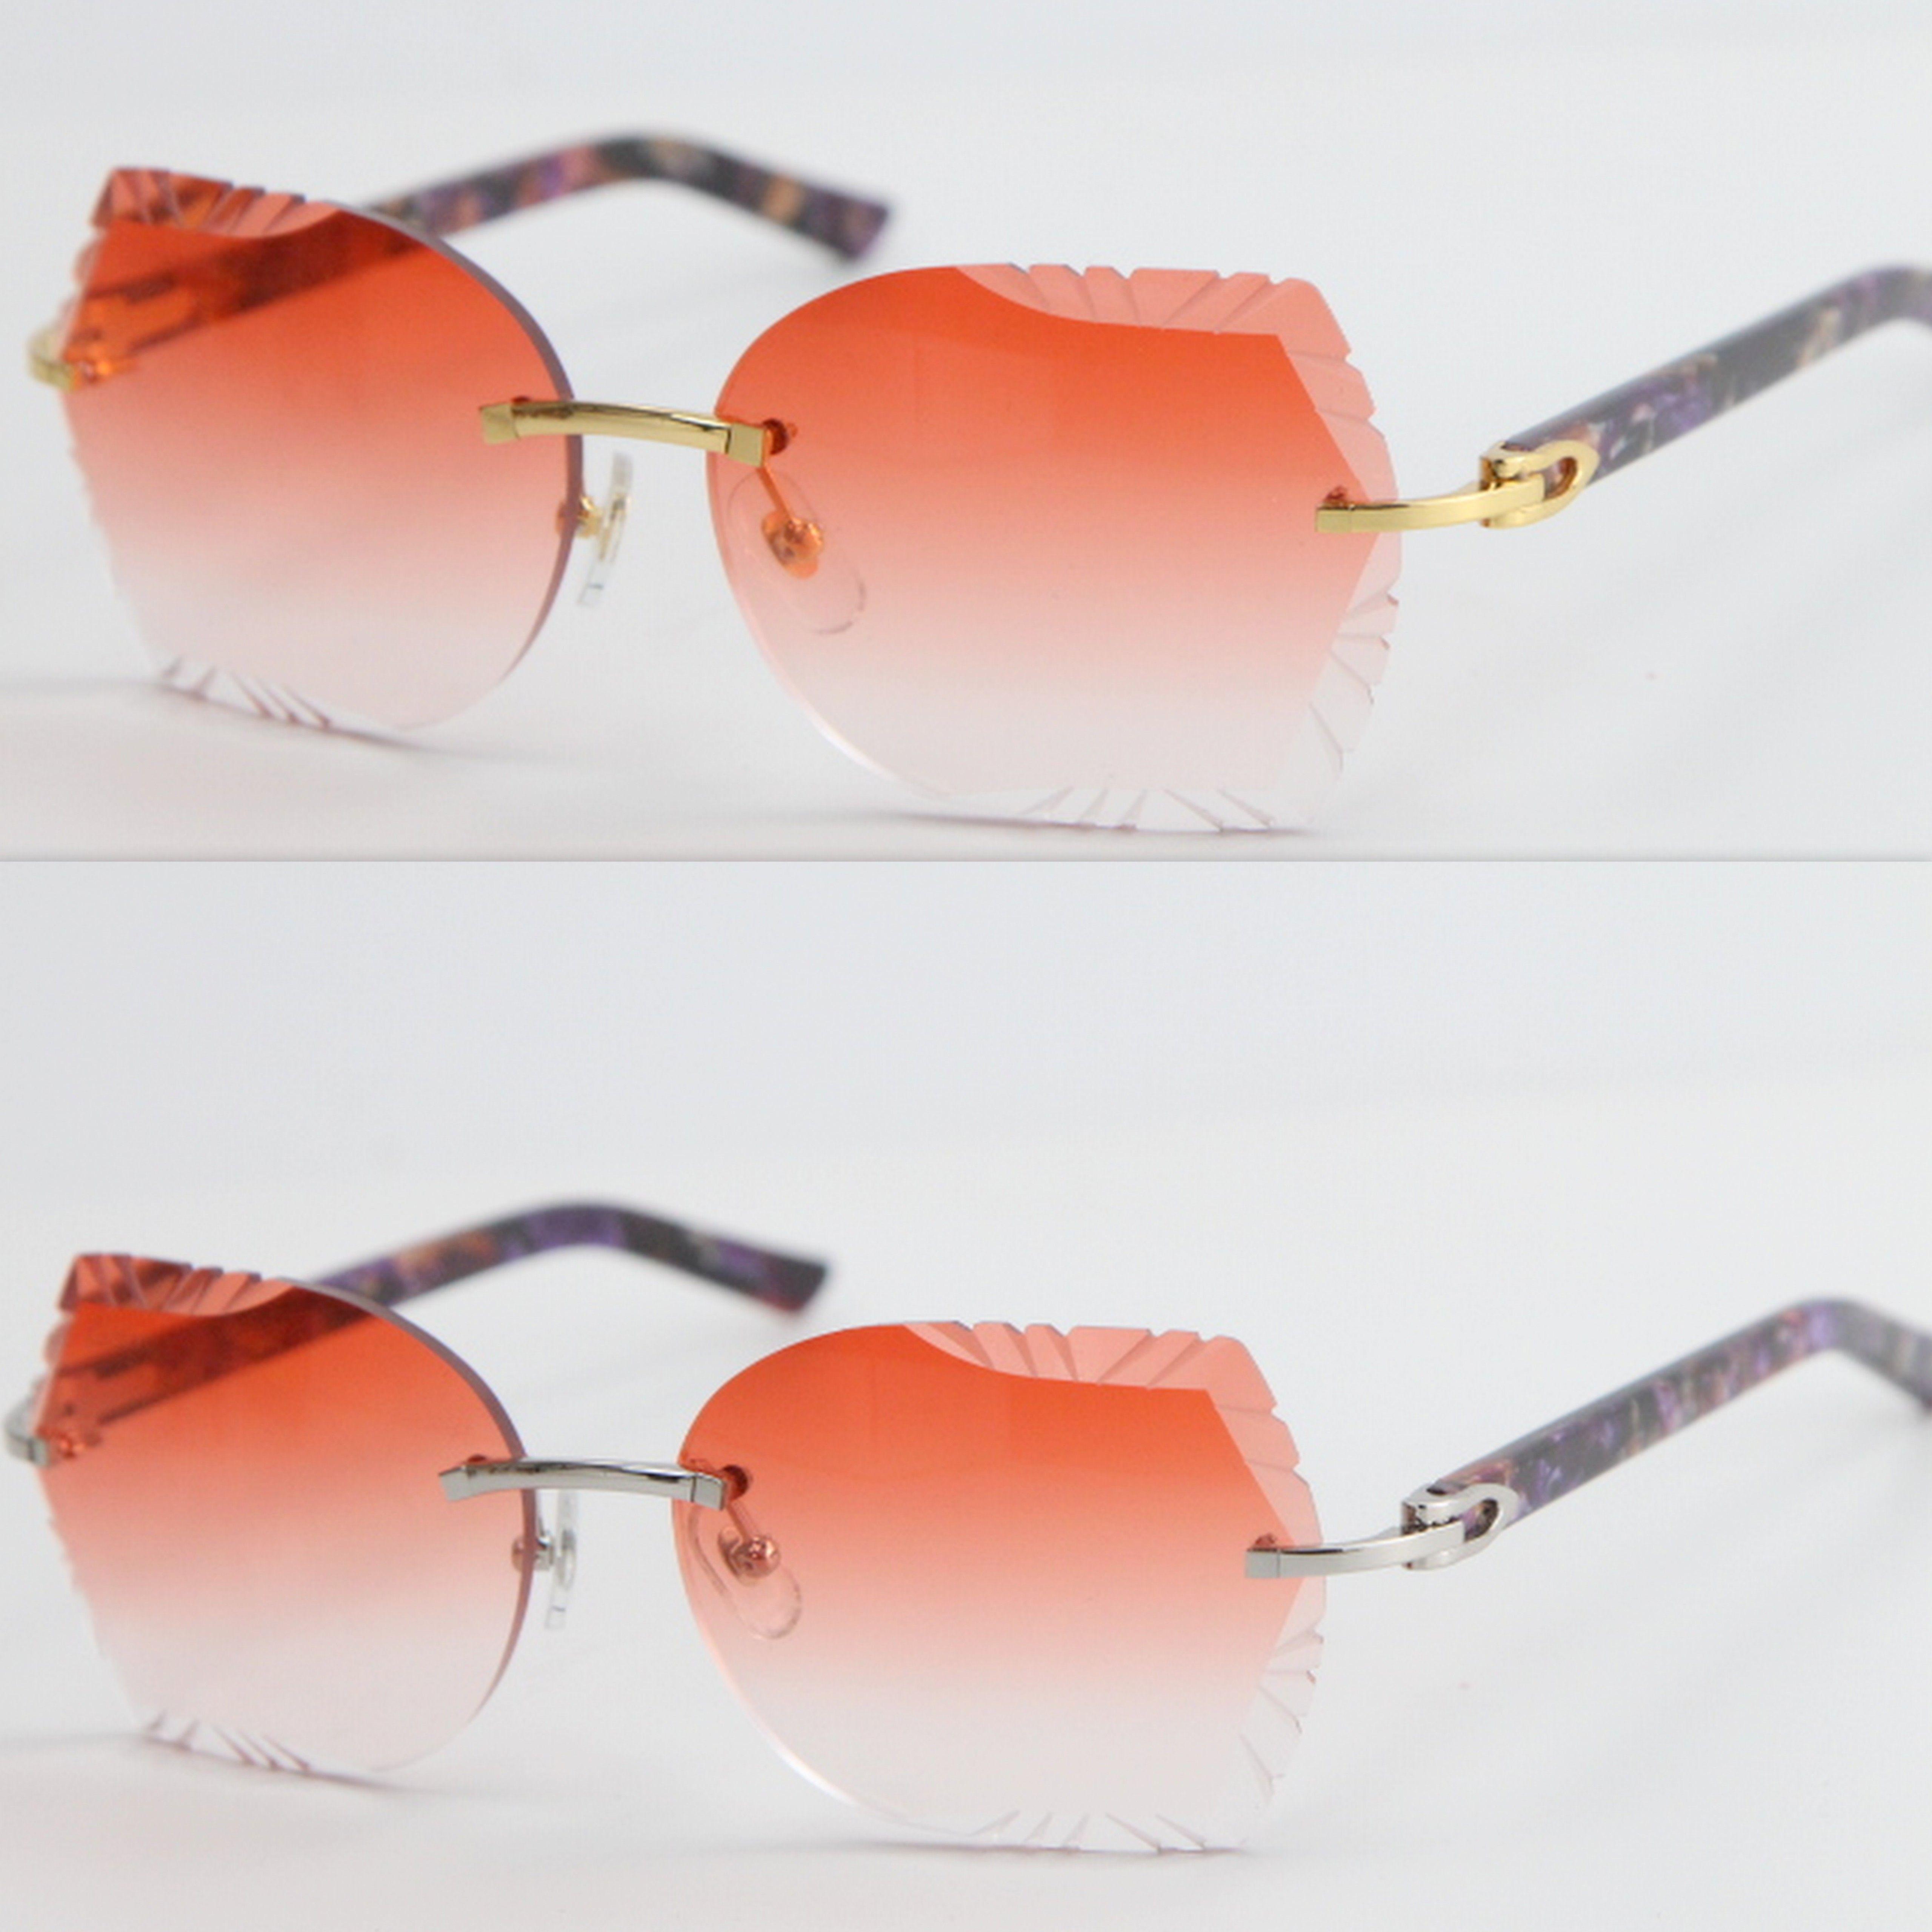 큰 사각형 8200762 무선없는 보라색 판자 선글라스 고품질의 새로운 패션 빈티지 안경 야외에서 안경 디자인 2020 뜨거운 운전